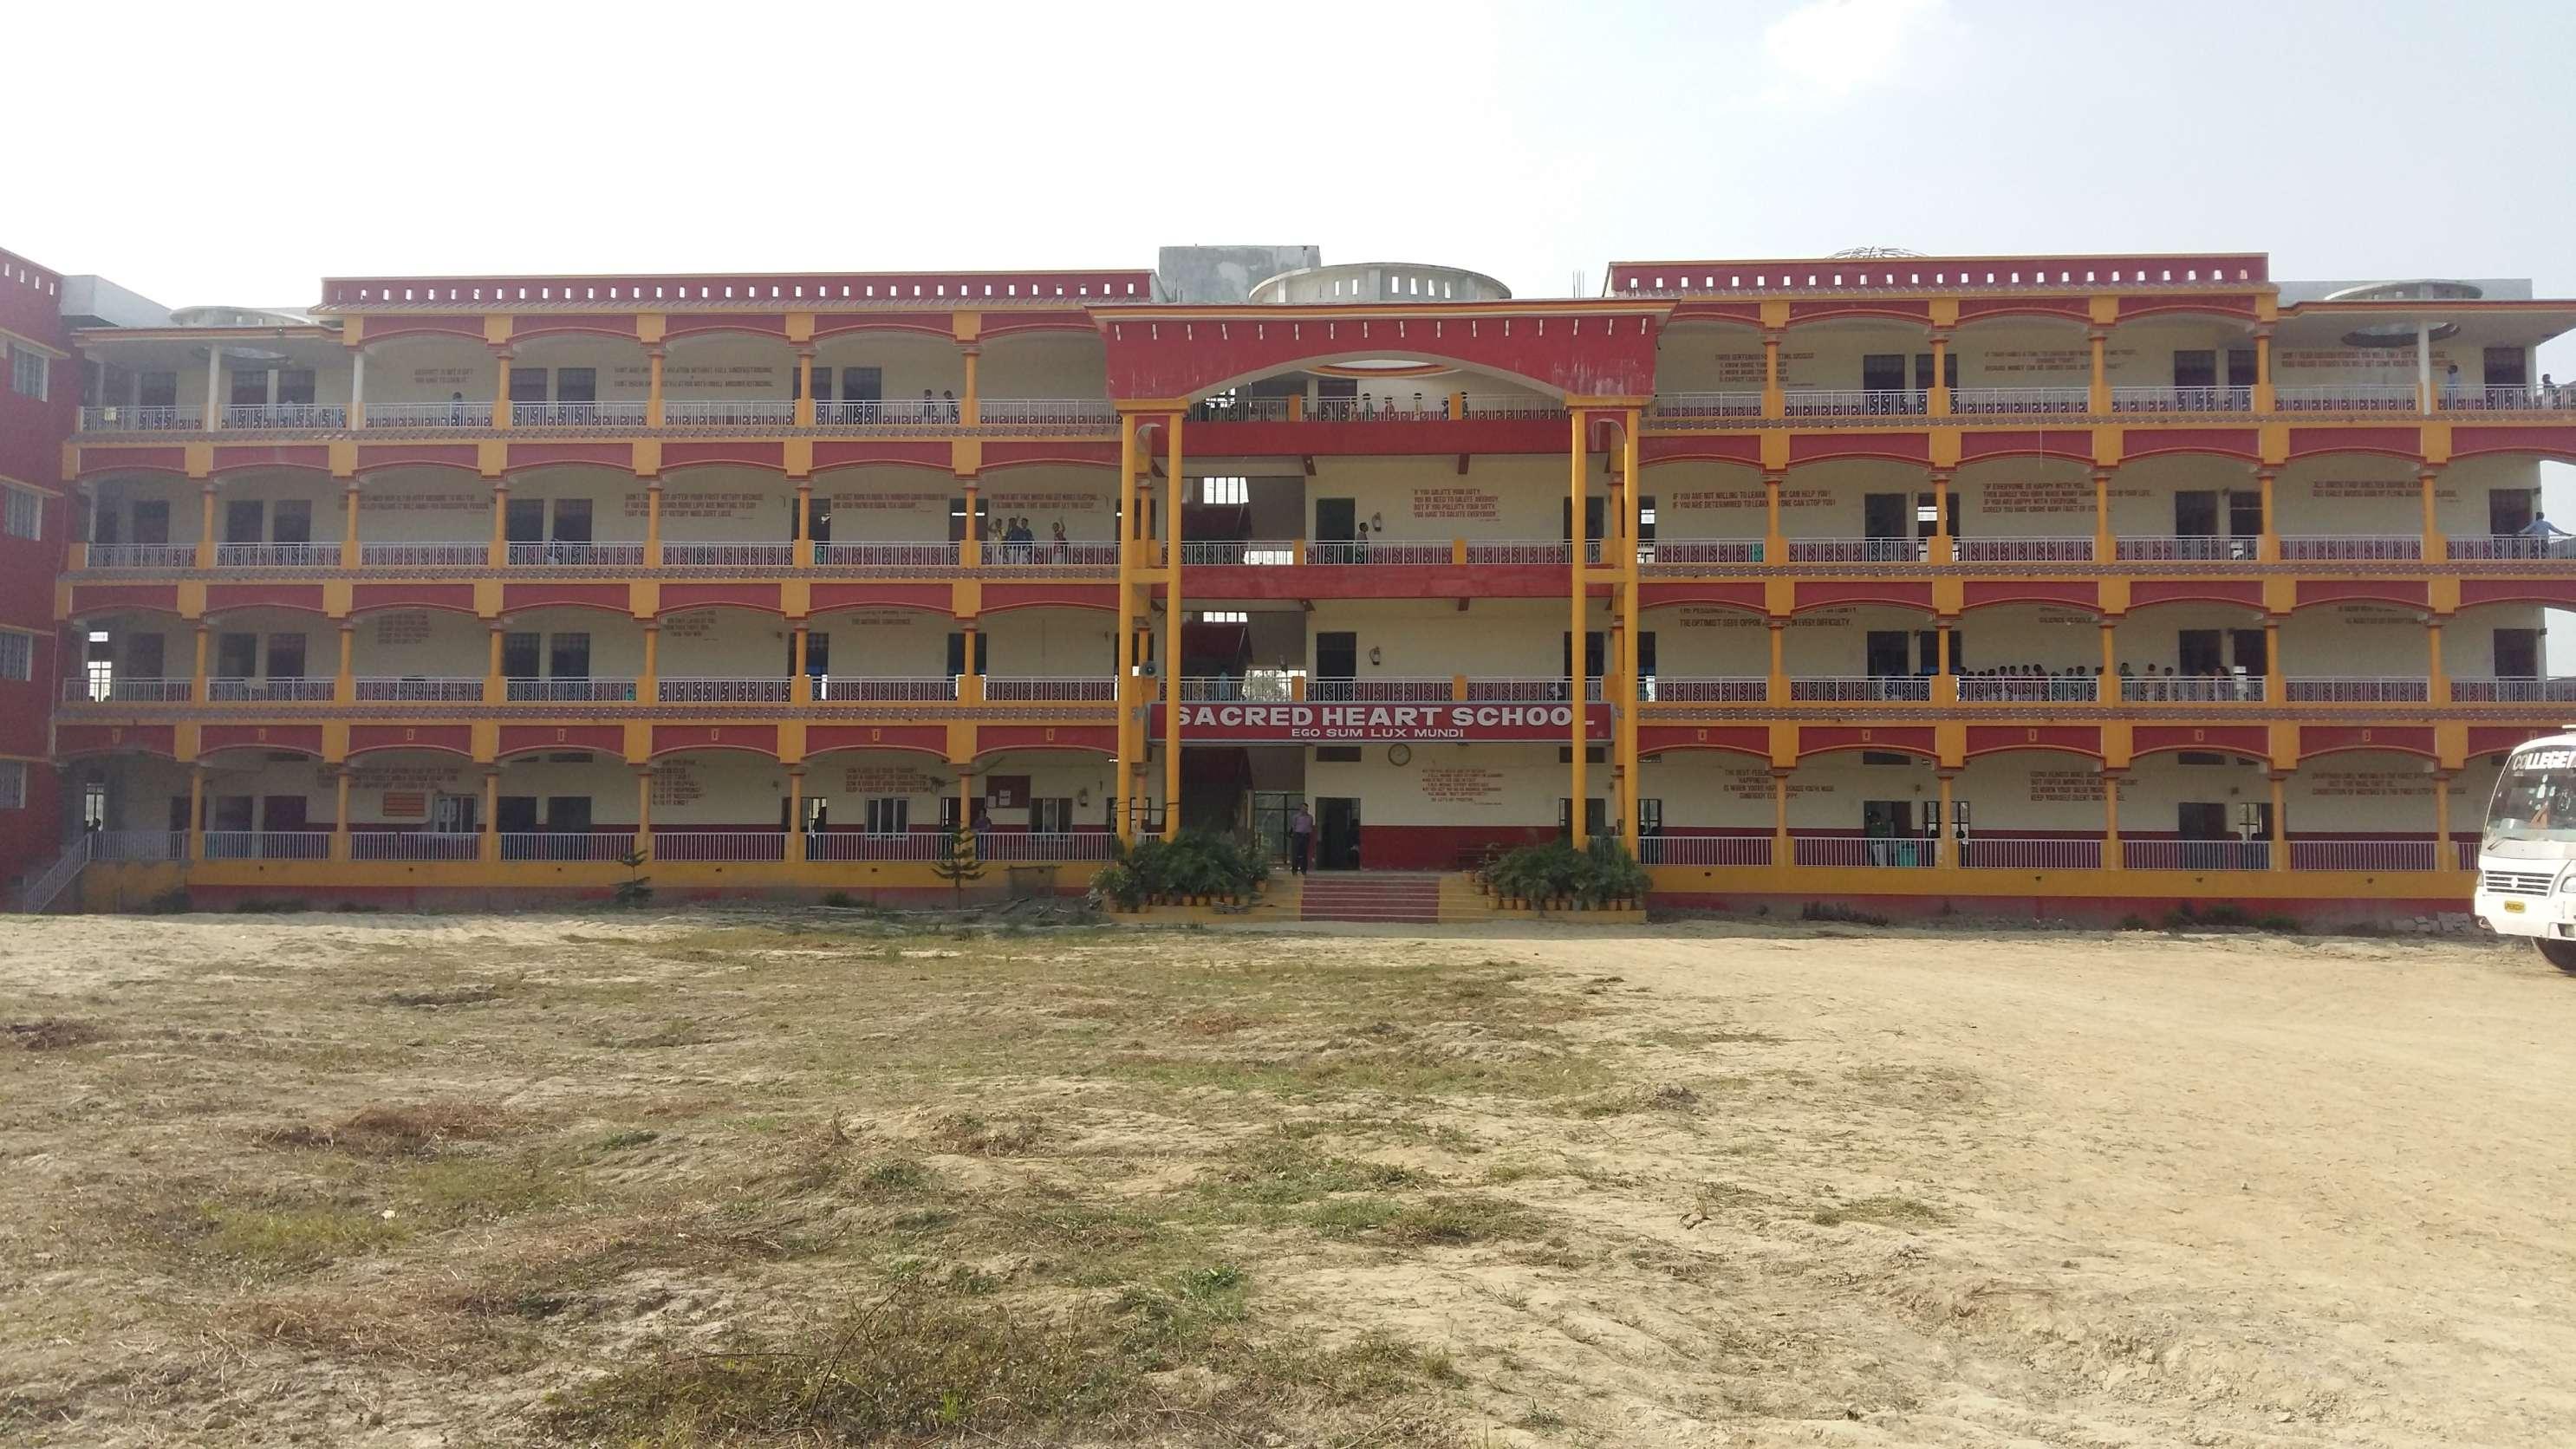 Sacred Heart School tSchool Sacred Heart SchoolMuhammadabad GohanaMau 2131560